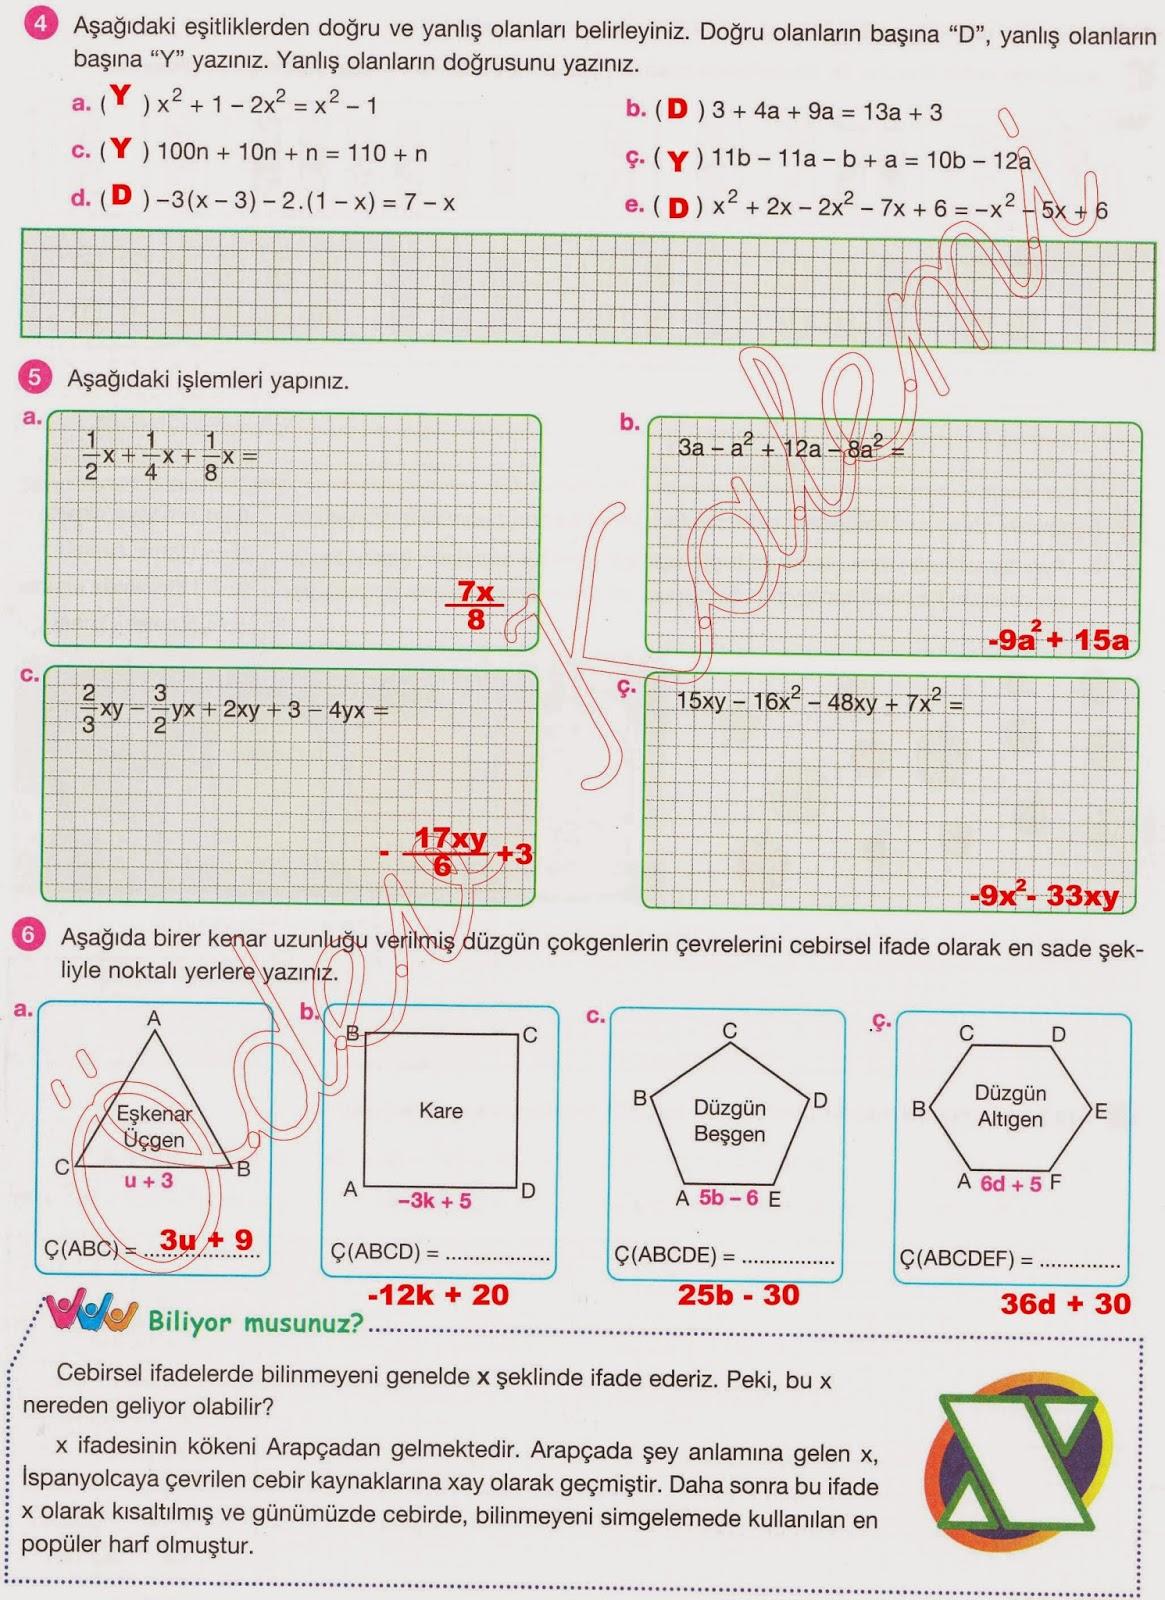 Aydın Yayınları 7. Sınıf Matematik Çalışma Kitabı Cevapları